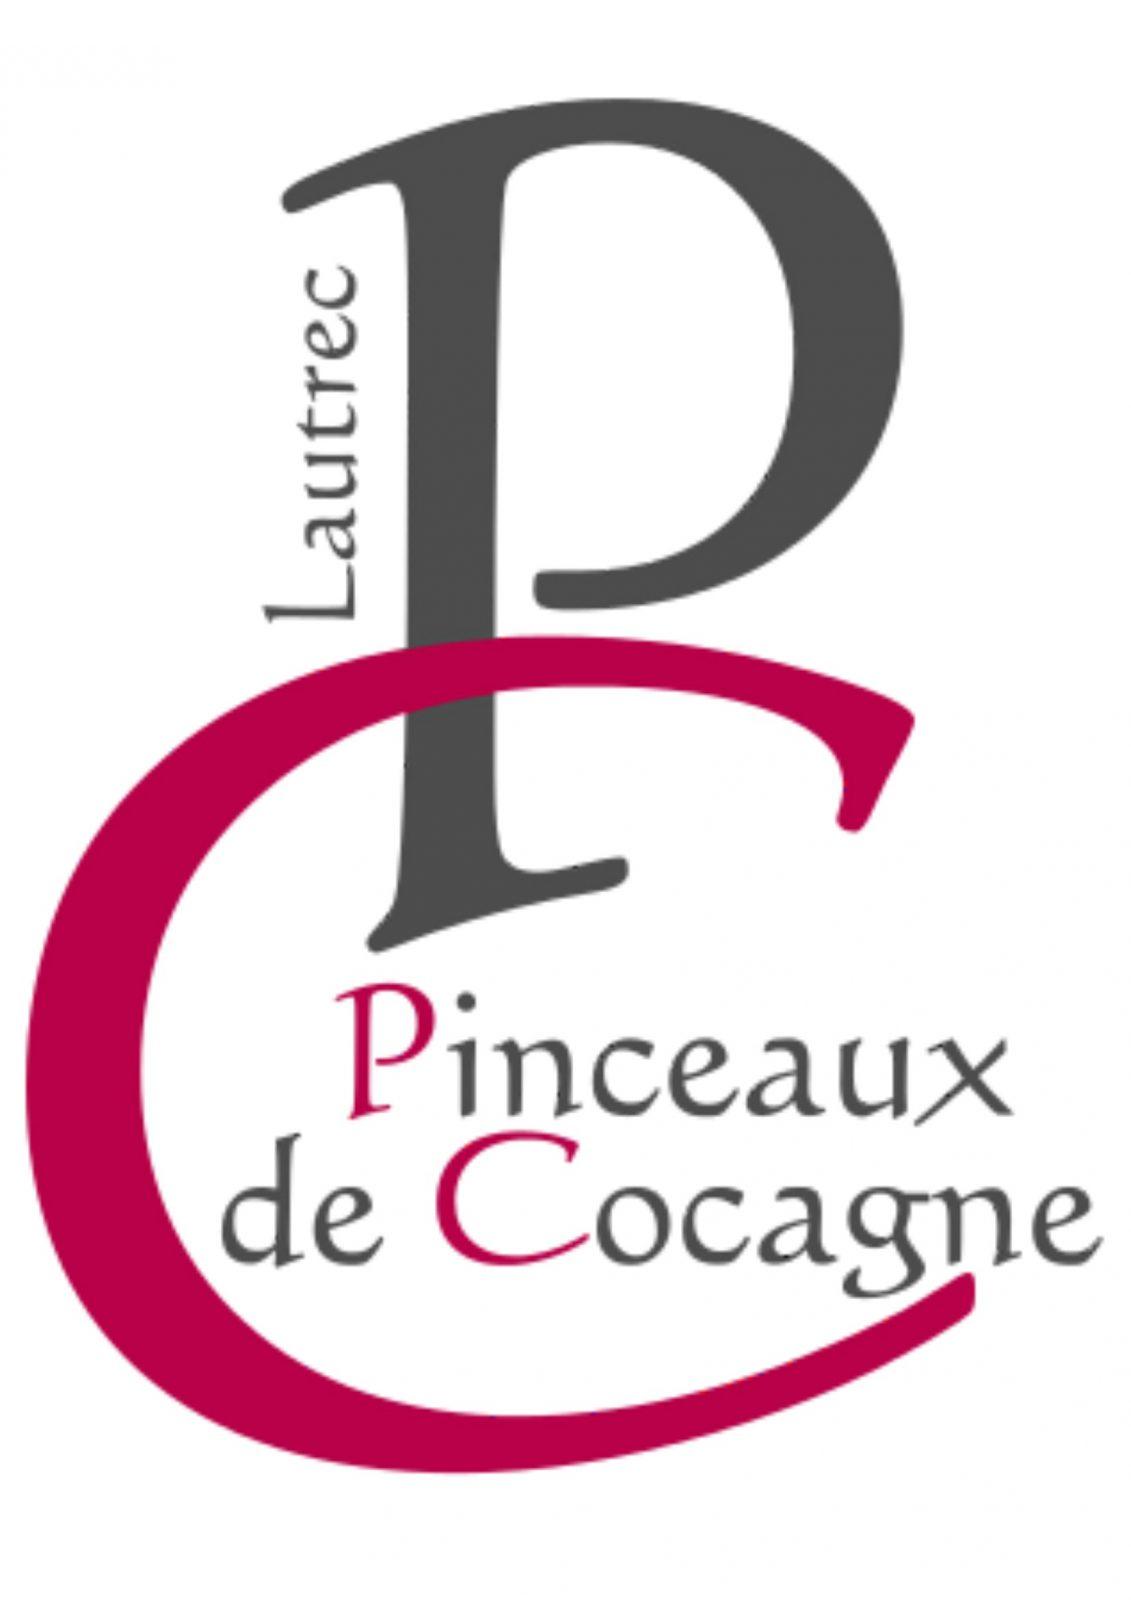 Logo Pinceaux de Cocagne